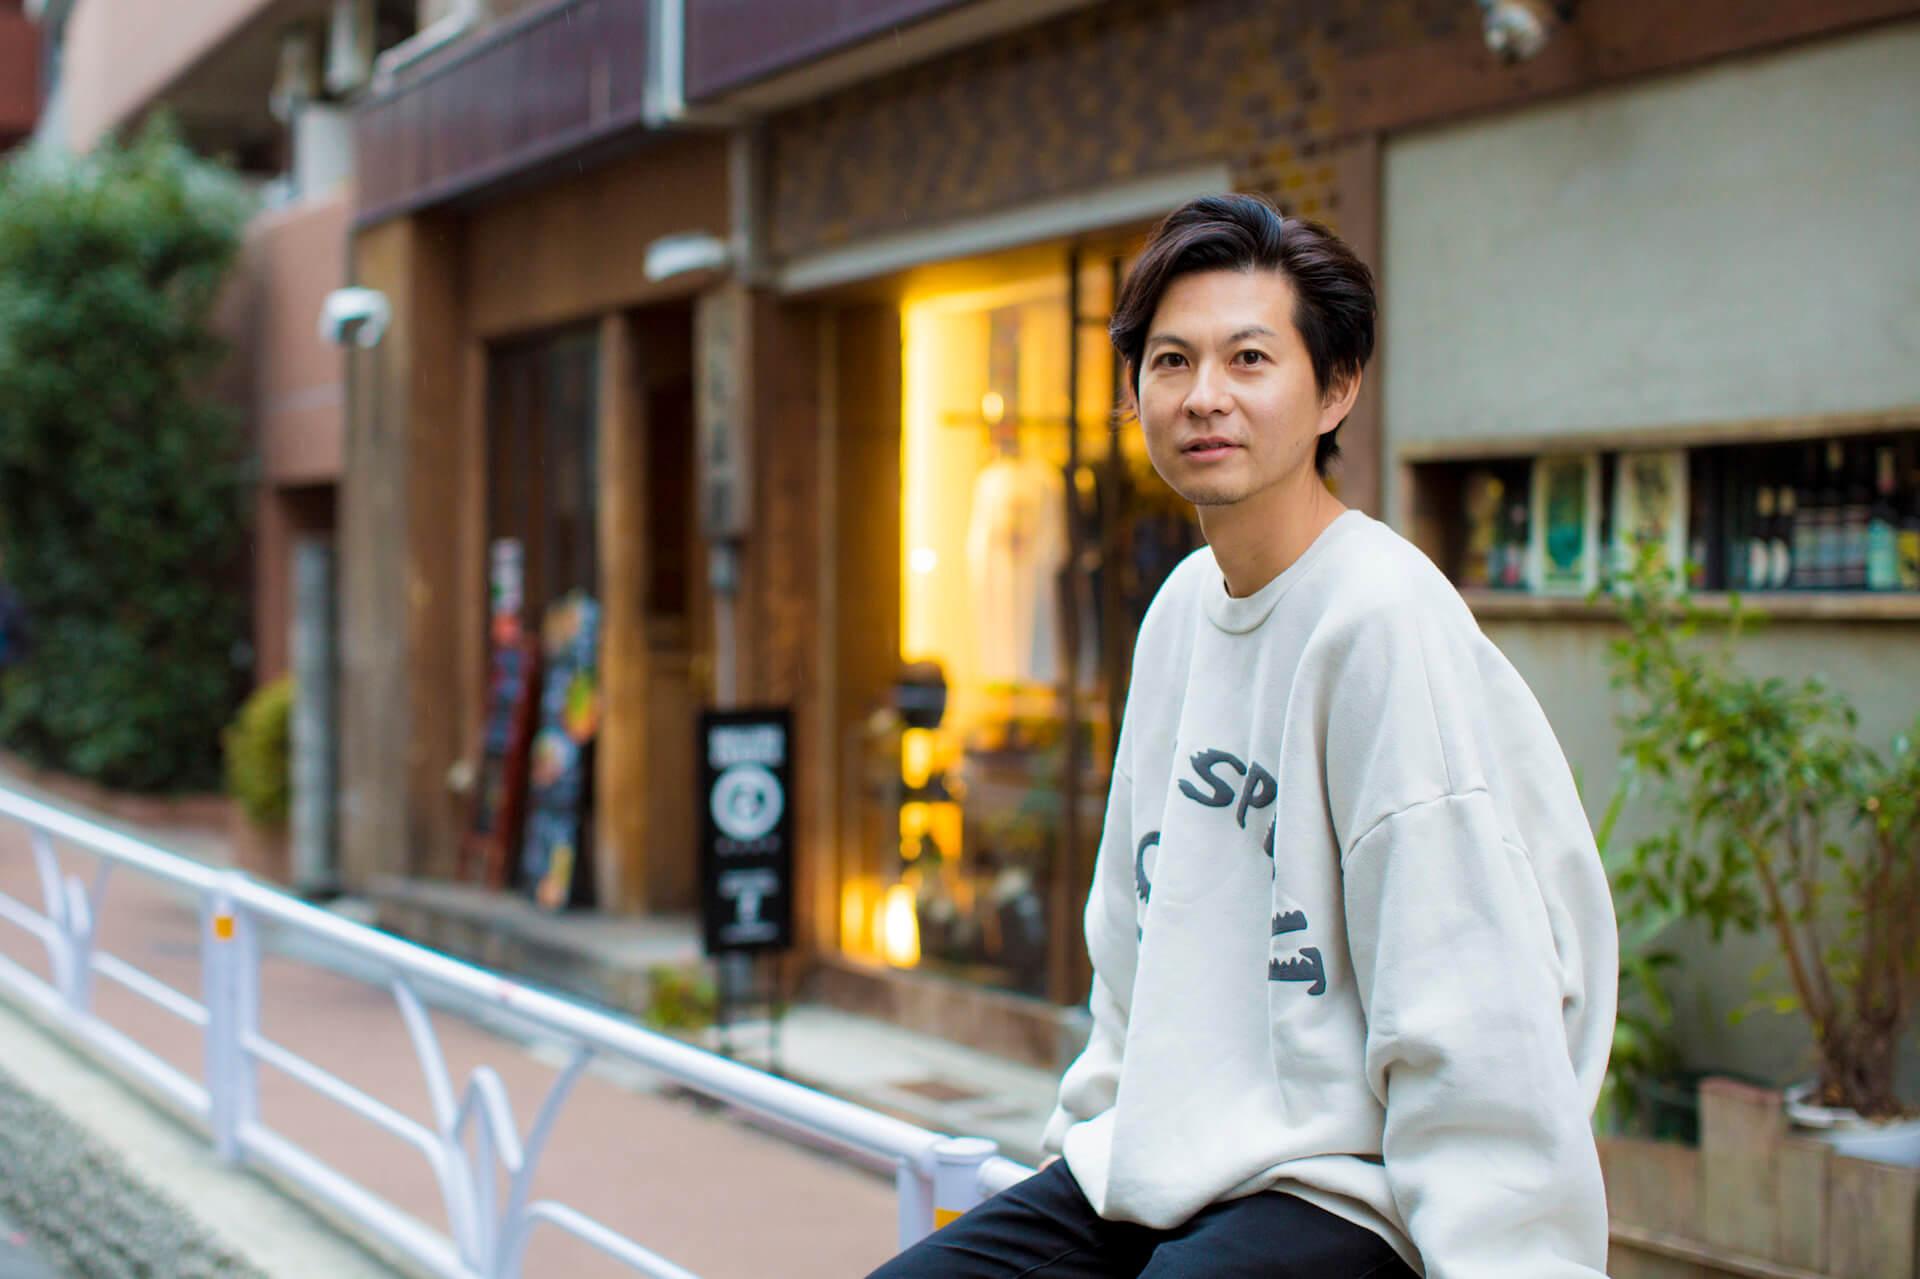 世界のフェスから見えること―津田昌太朗/世界にメッセージを投げかける女性アーティストたち